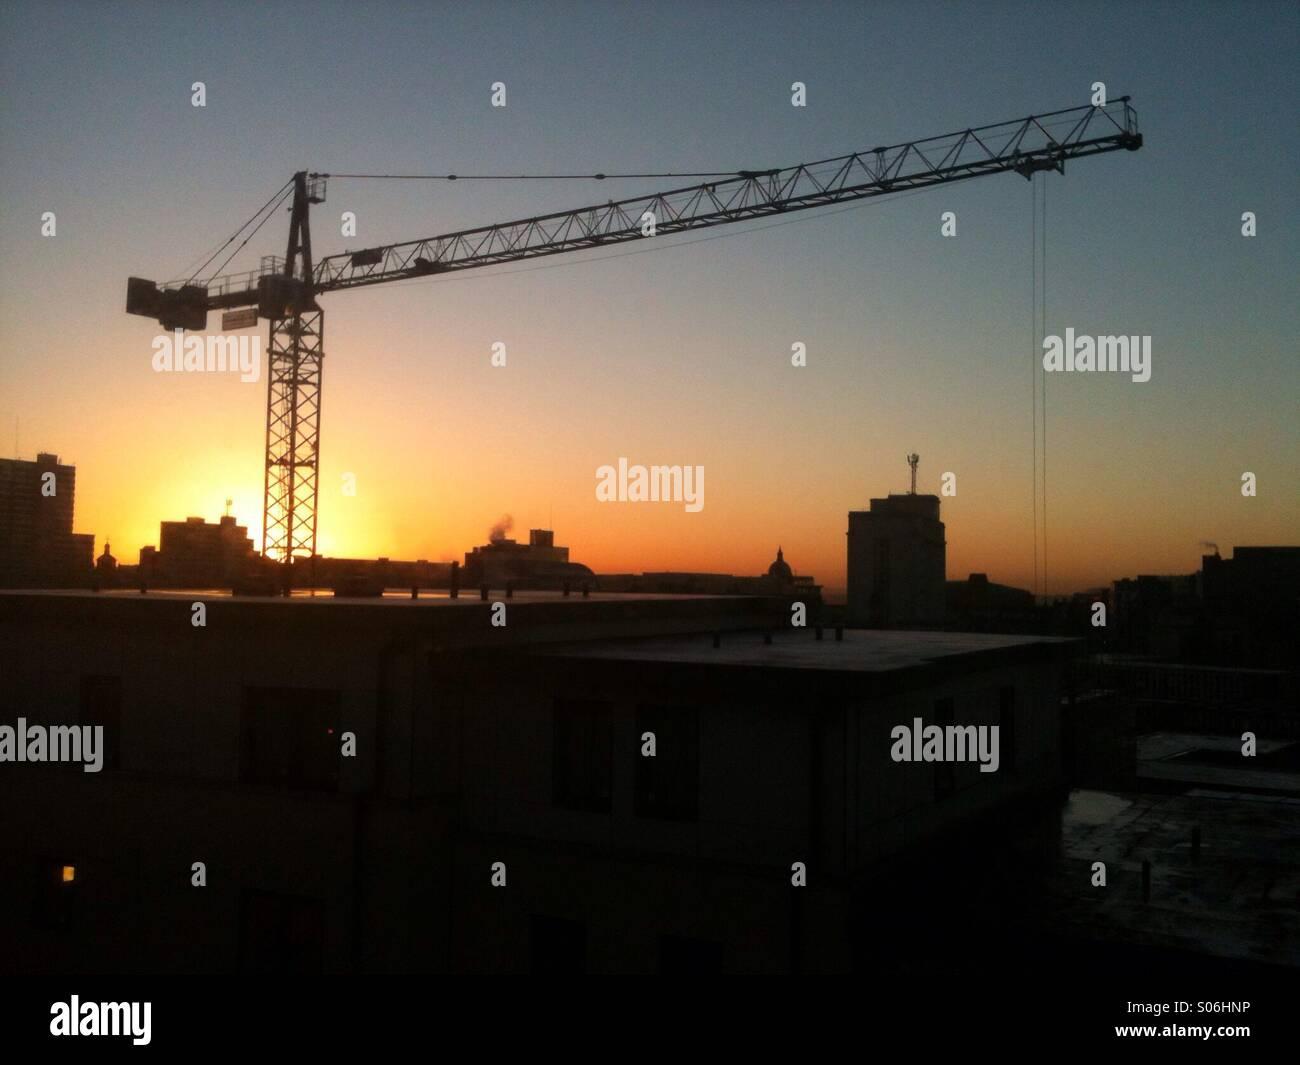 Sun rise over Nottingham - Stock Image